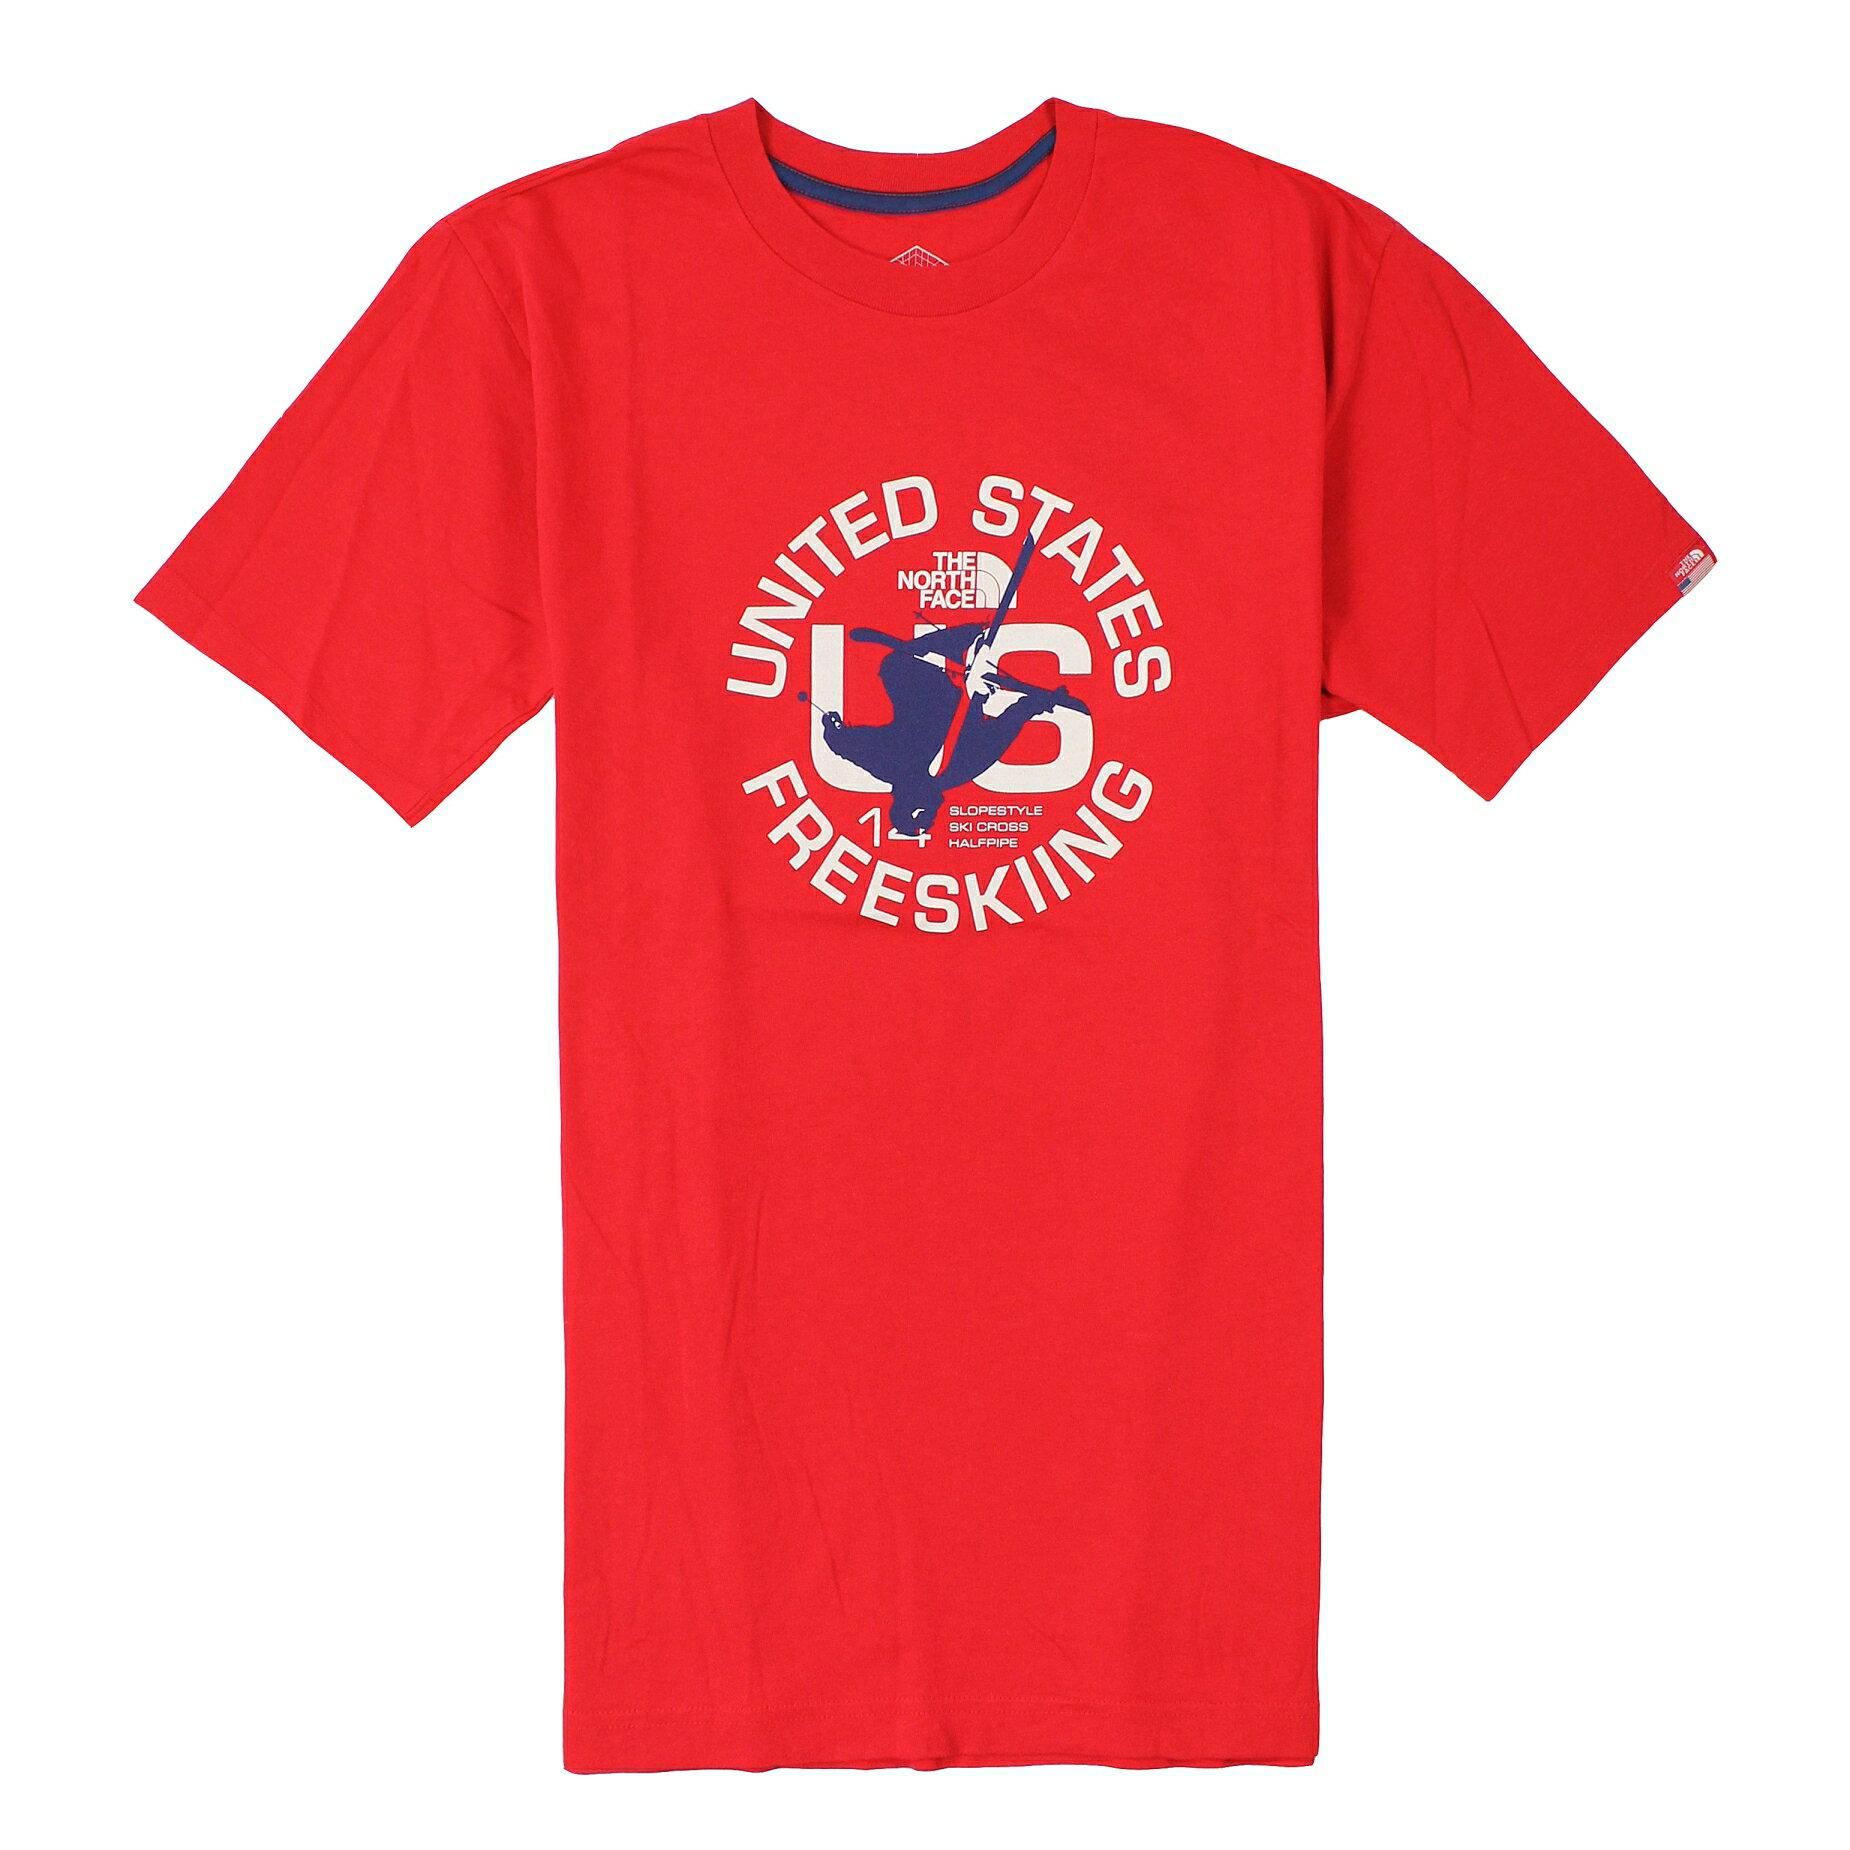 美國百分百【全新真品】The North Face T恤 TNF 短袖 上衣 T-shirt 北臉 紅 人物 國旗 滑雪 男 S M號